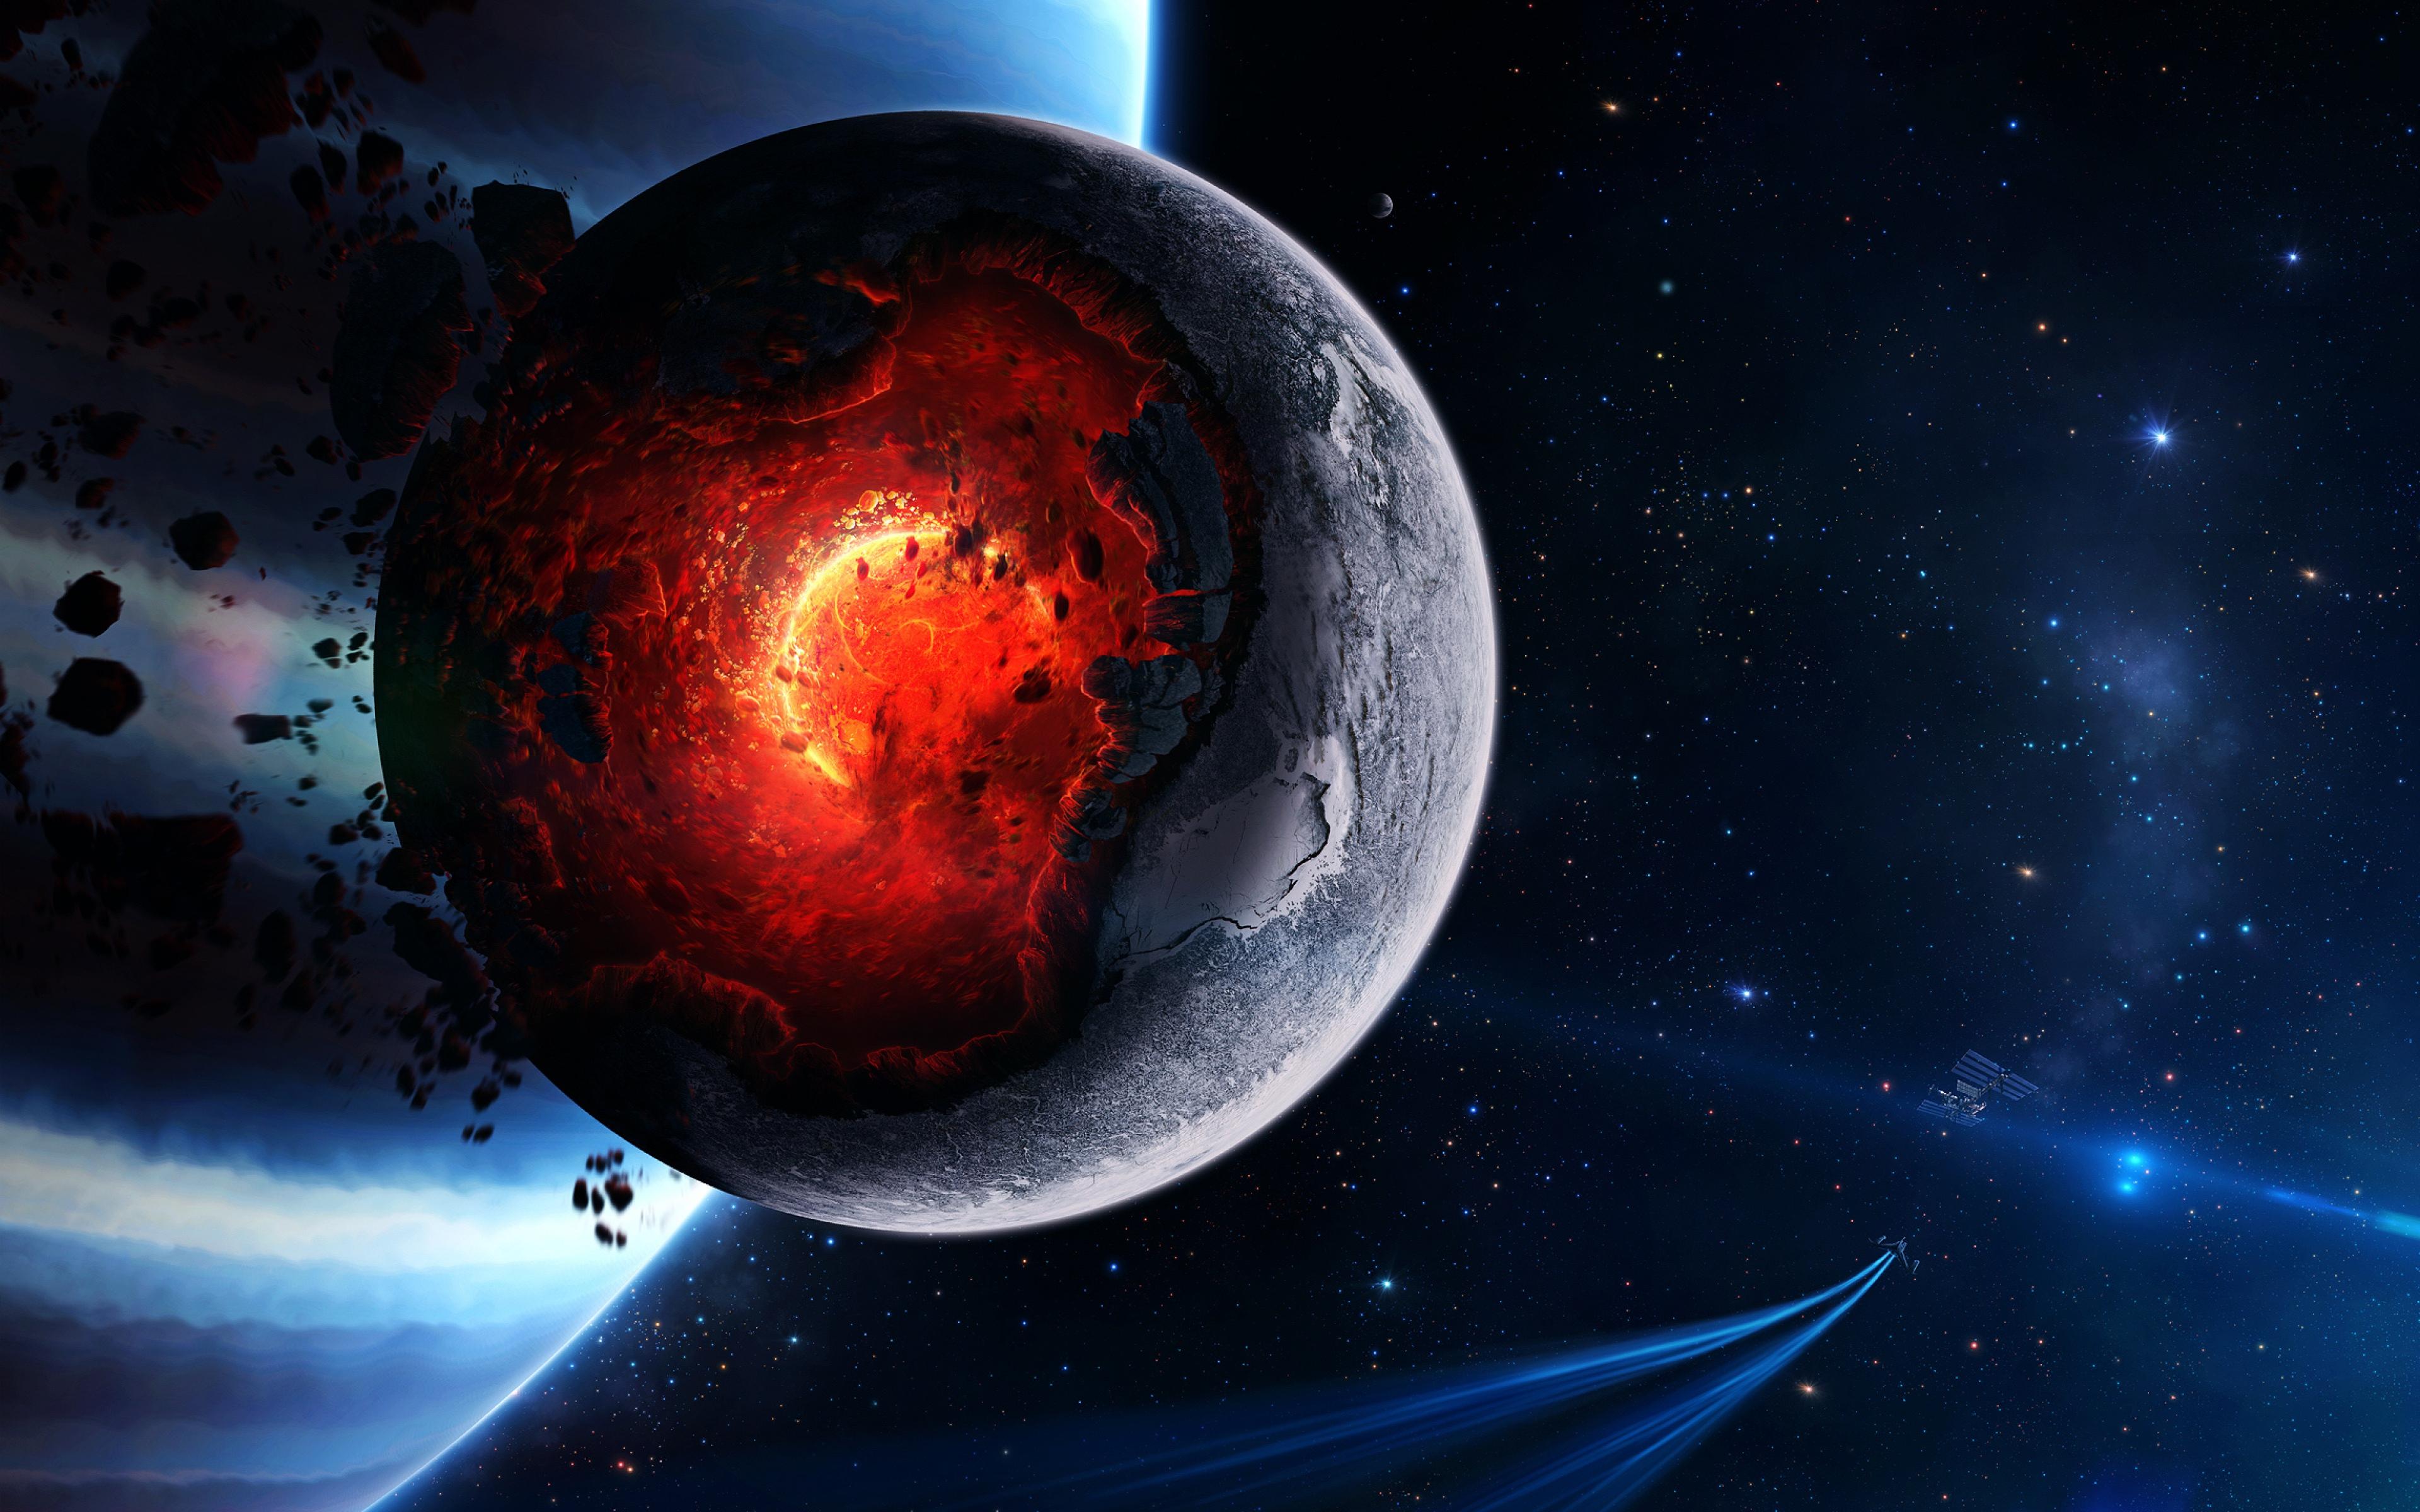 Обои космос метеориты планета картинки на рабочий стол на тему Космос - скачать скачать